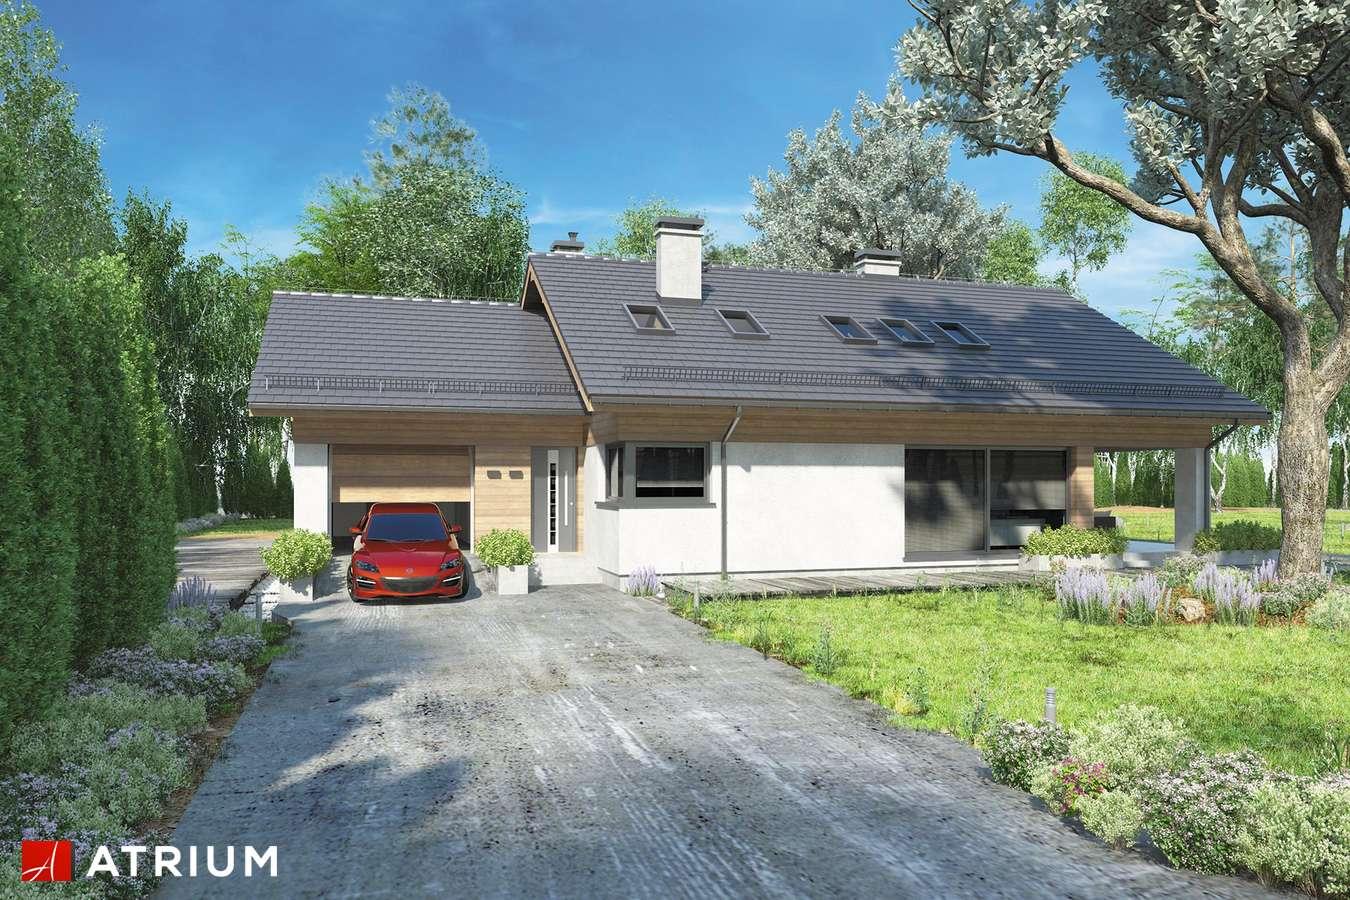 Projekty domów - Projekt domu z poddaszem KOS PLUS III - wizualizacja 2 - wersja lustrzana